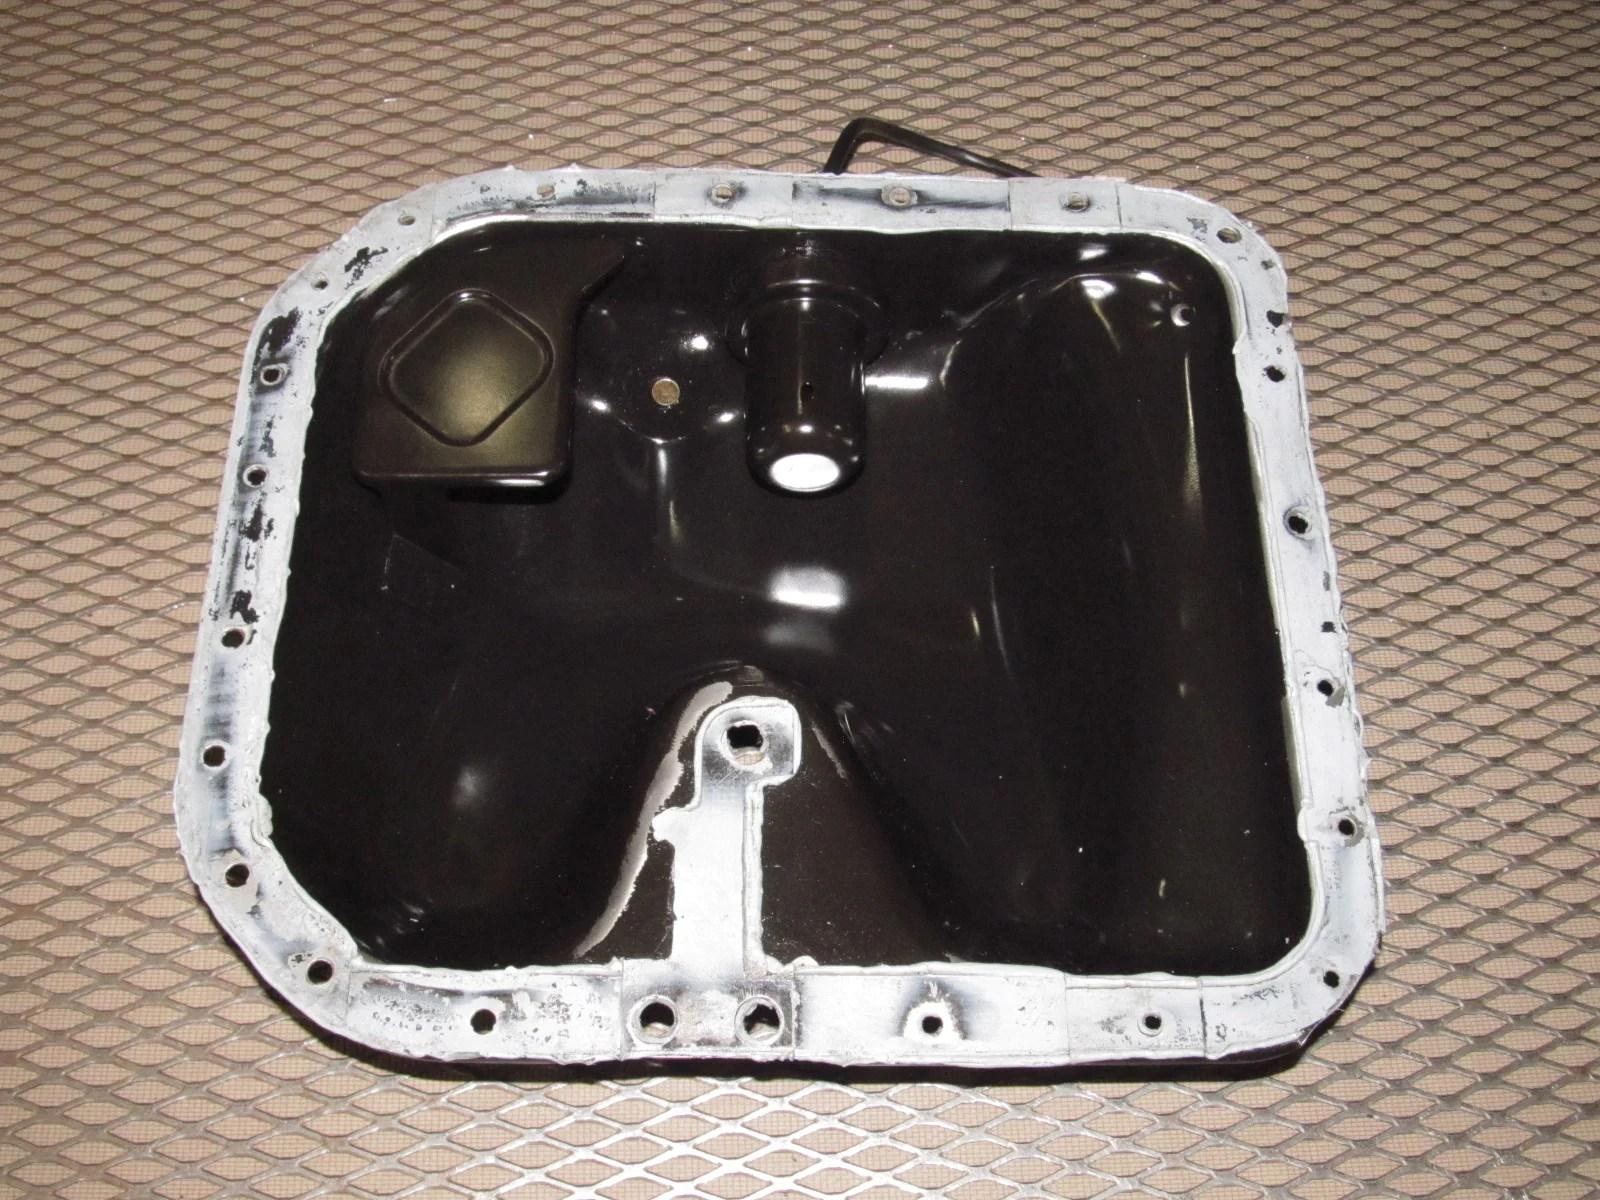 89 90 91 mazda rx7 oem engine oil pan [ 1600 x 1200 Pixel ]